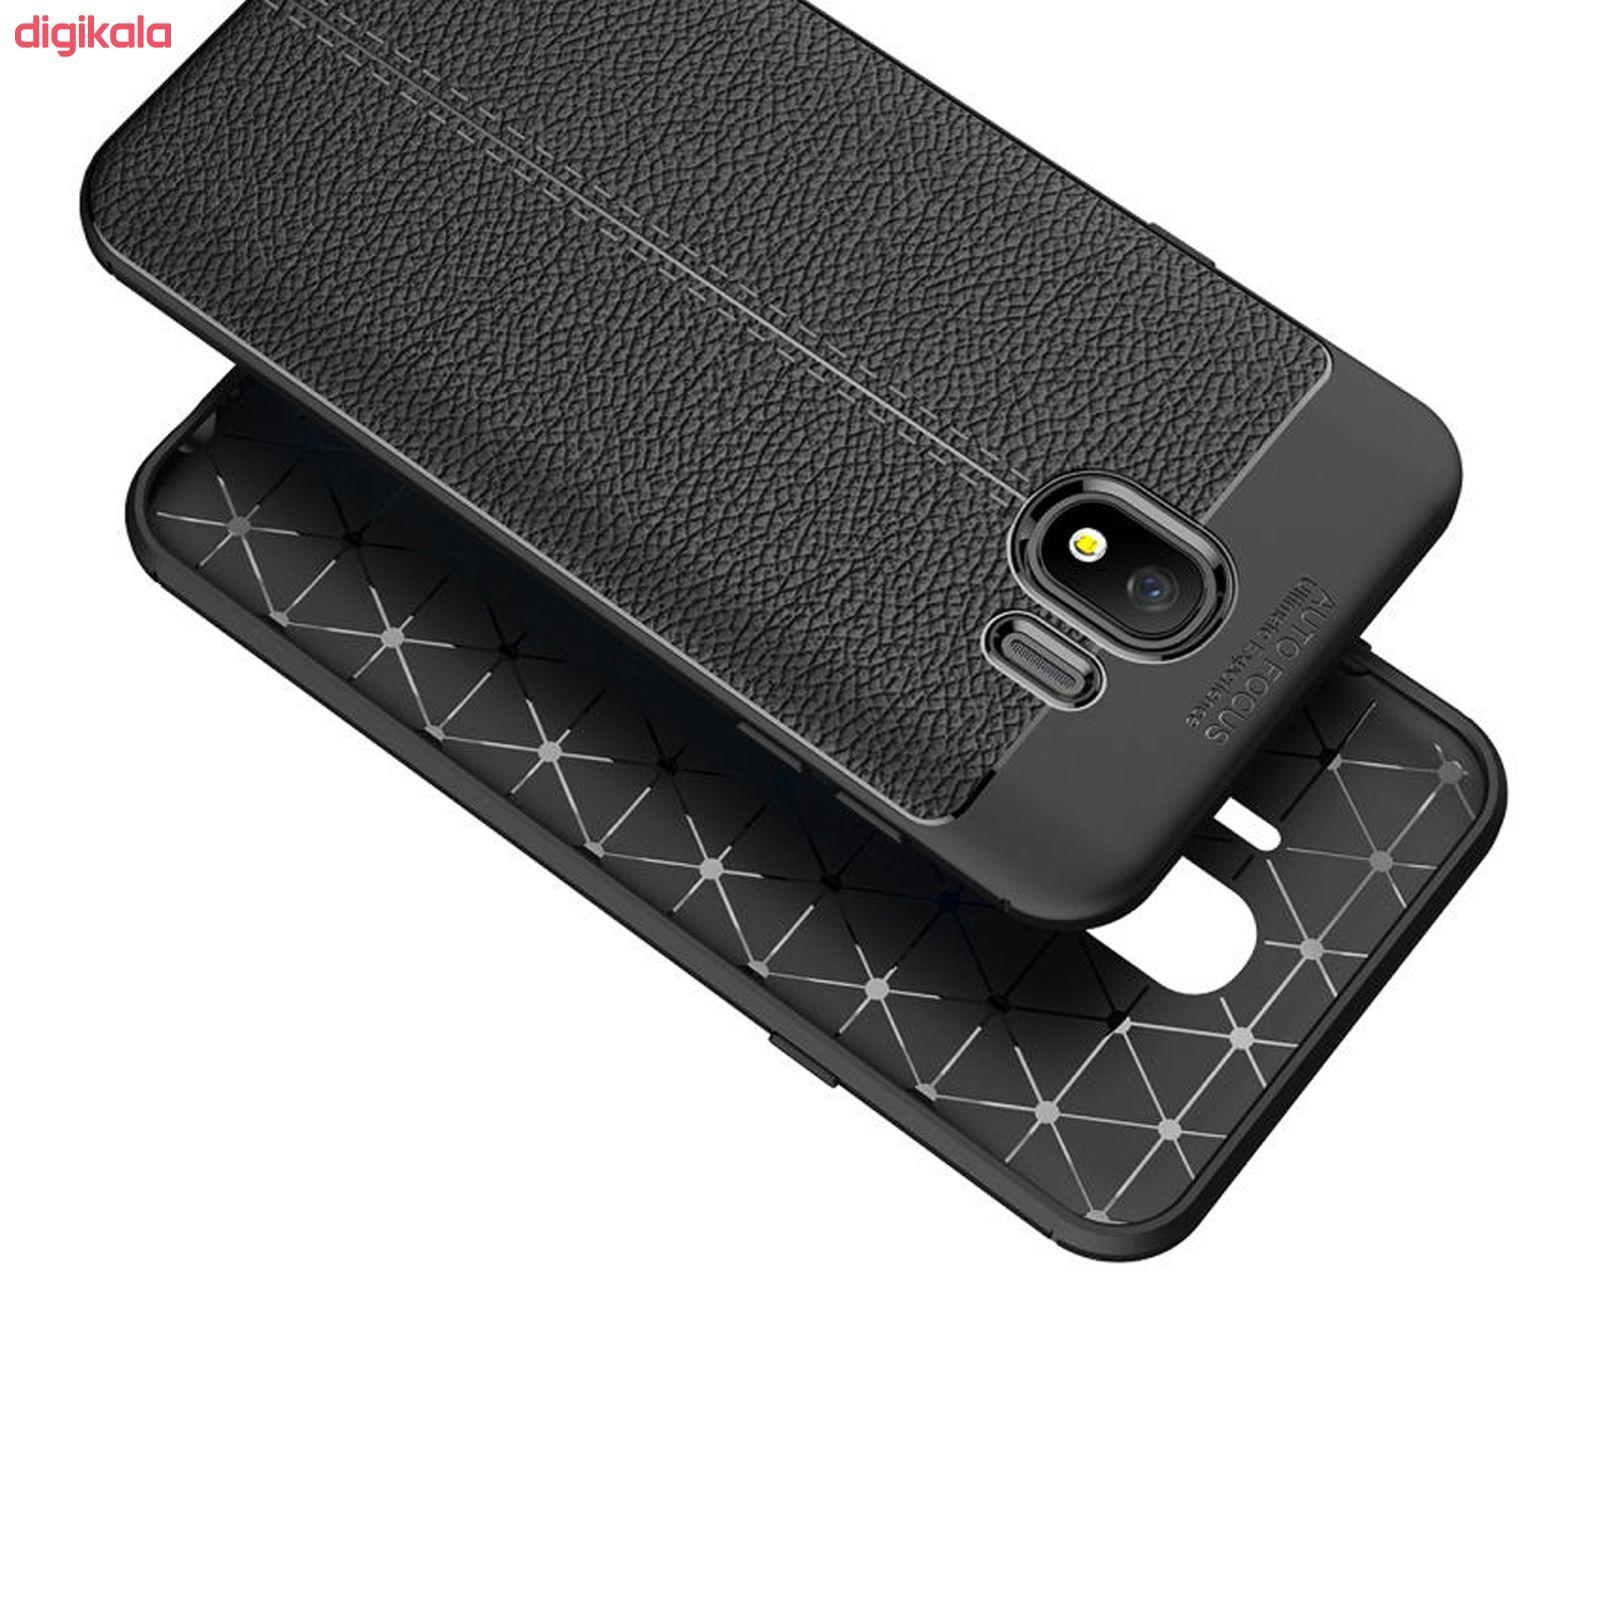 کاور فکرو مدل RX01 مناسب برای گوشی موبایل سامسونگ Galaxy j4 2018 main 1 2